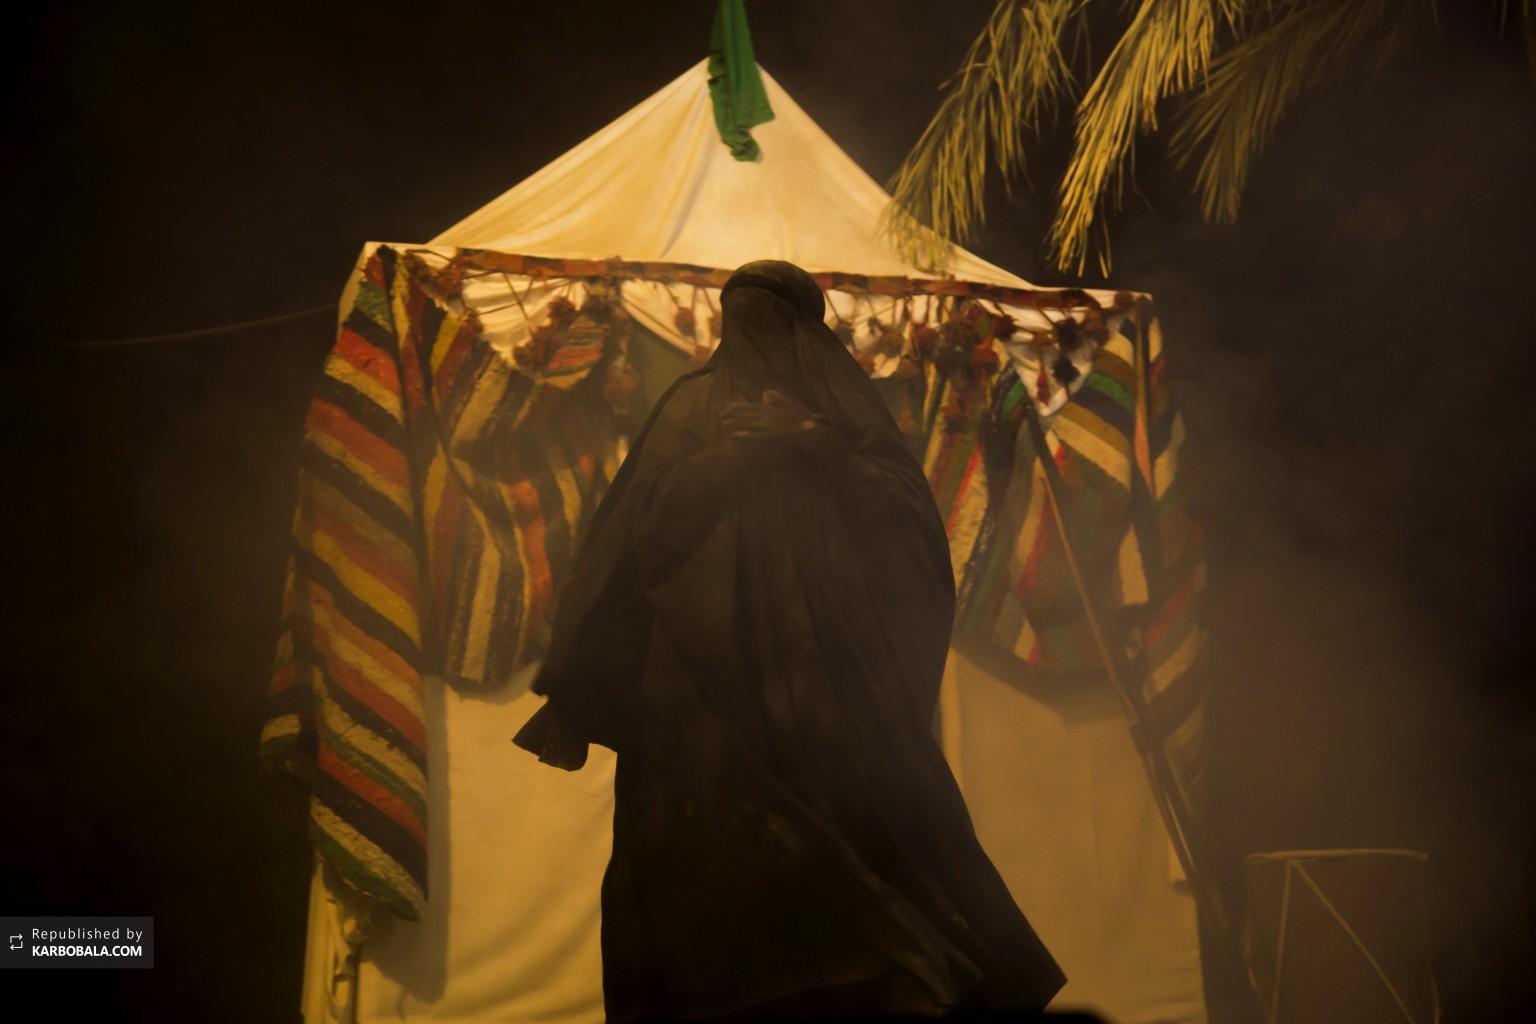 برگزاری مراسم تعزیه به مناسبت شروع ایام محرم در کربلا